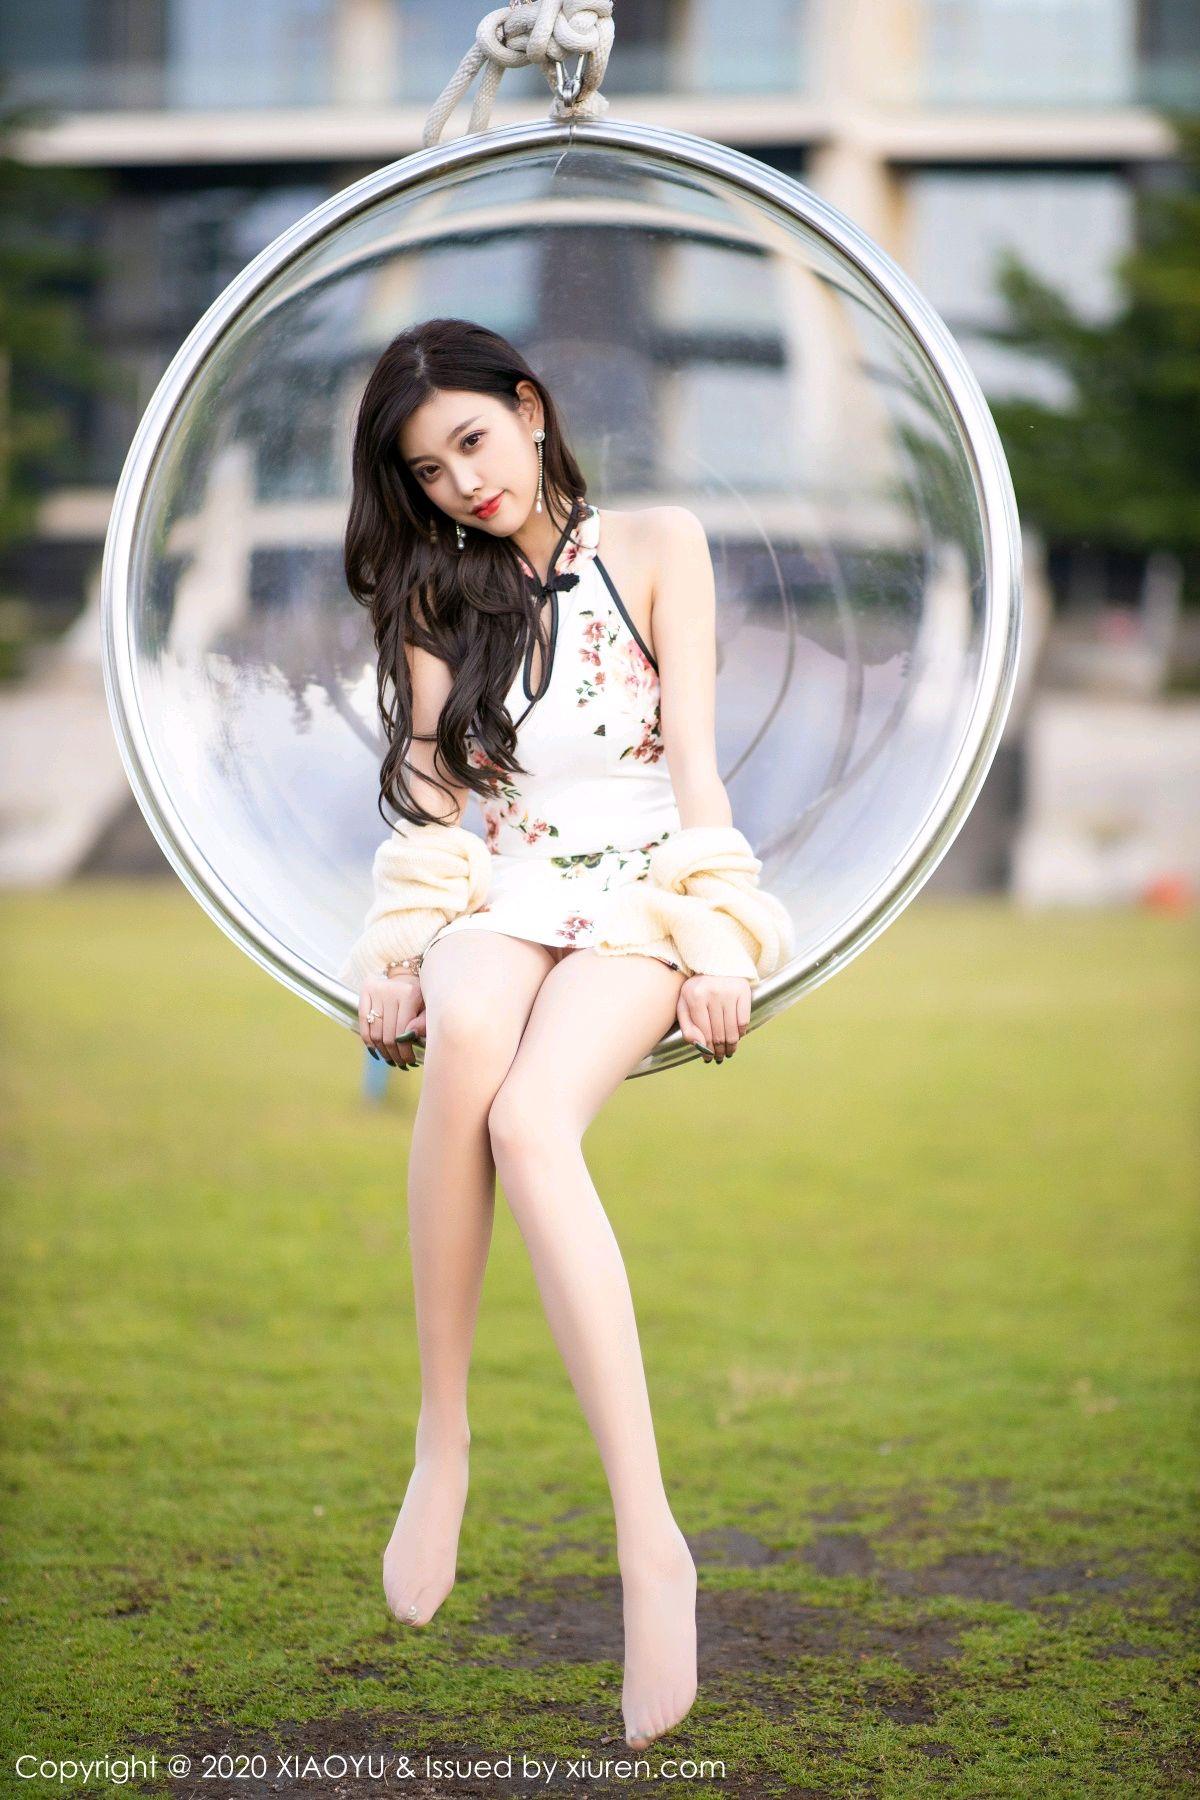 [XiaoYu] Vol.233 Yang Chen Chen 101P, Cheongsam, Foot, XiaoYu, Yang Chen Chen